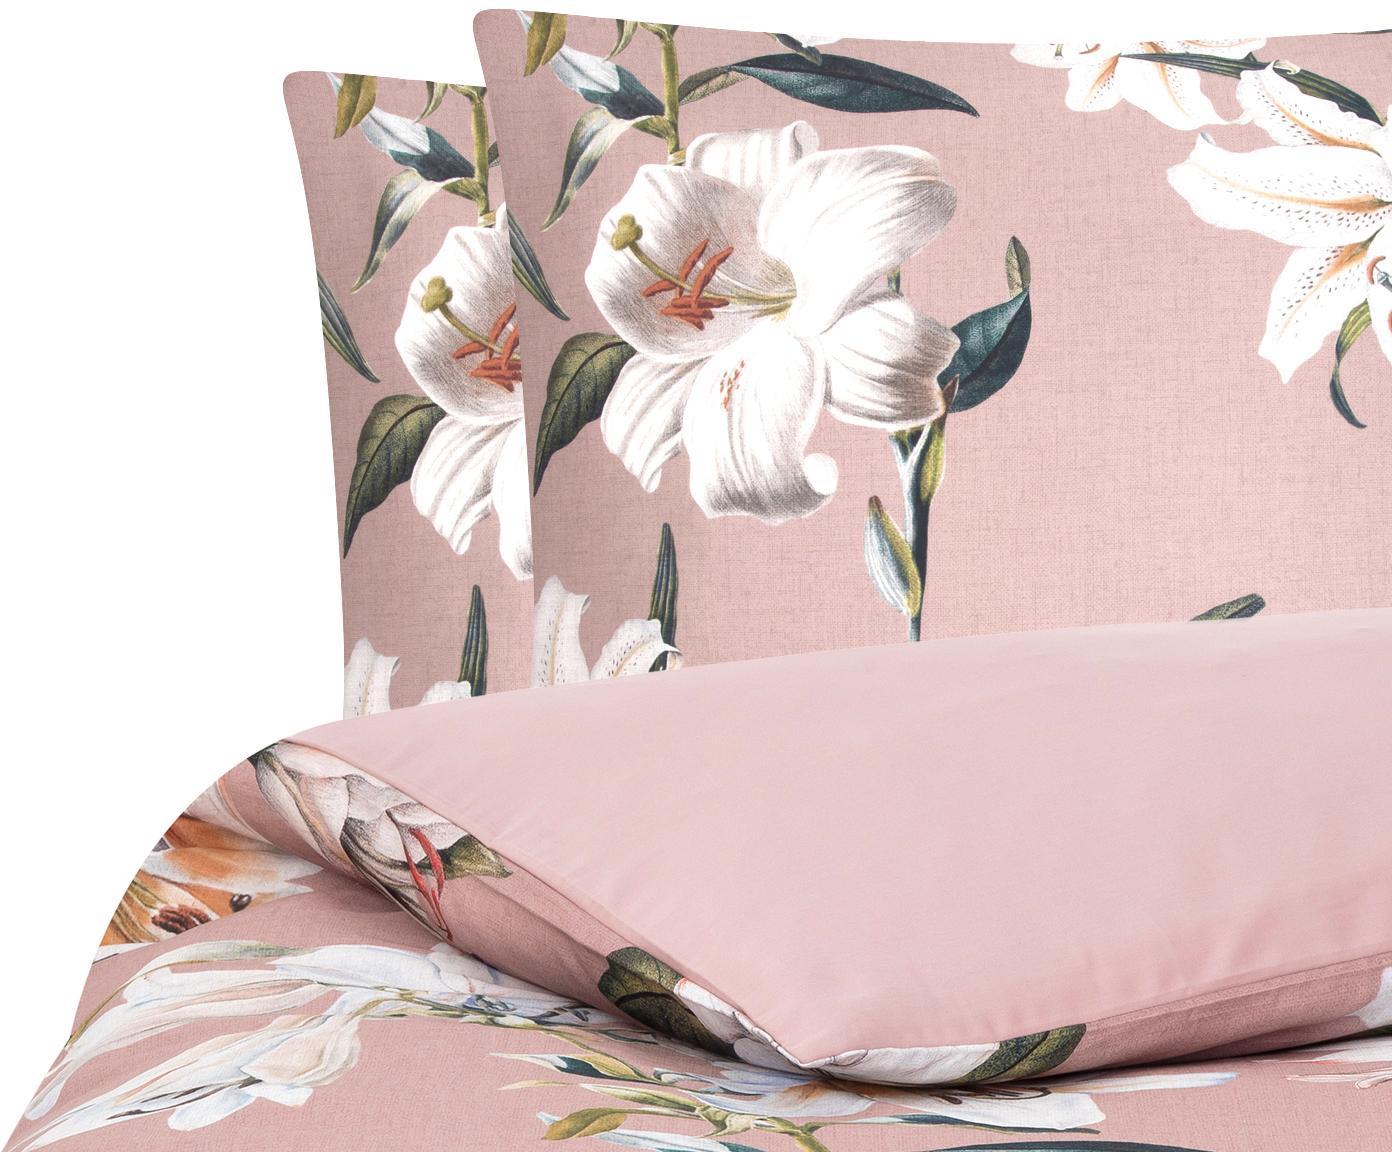 Baumwollsatin-Bettwäsche Flori mit Blumen-Print, Webart: Satin Fadendichte 210 TC,, Vorderseite: Altrosa, CremeweißRückseite: Alrosa, 240 x 220 cm + 2 Kissen 80 x 80 cm